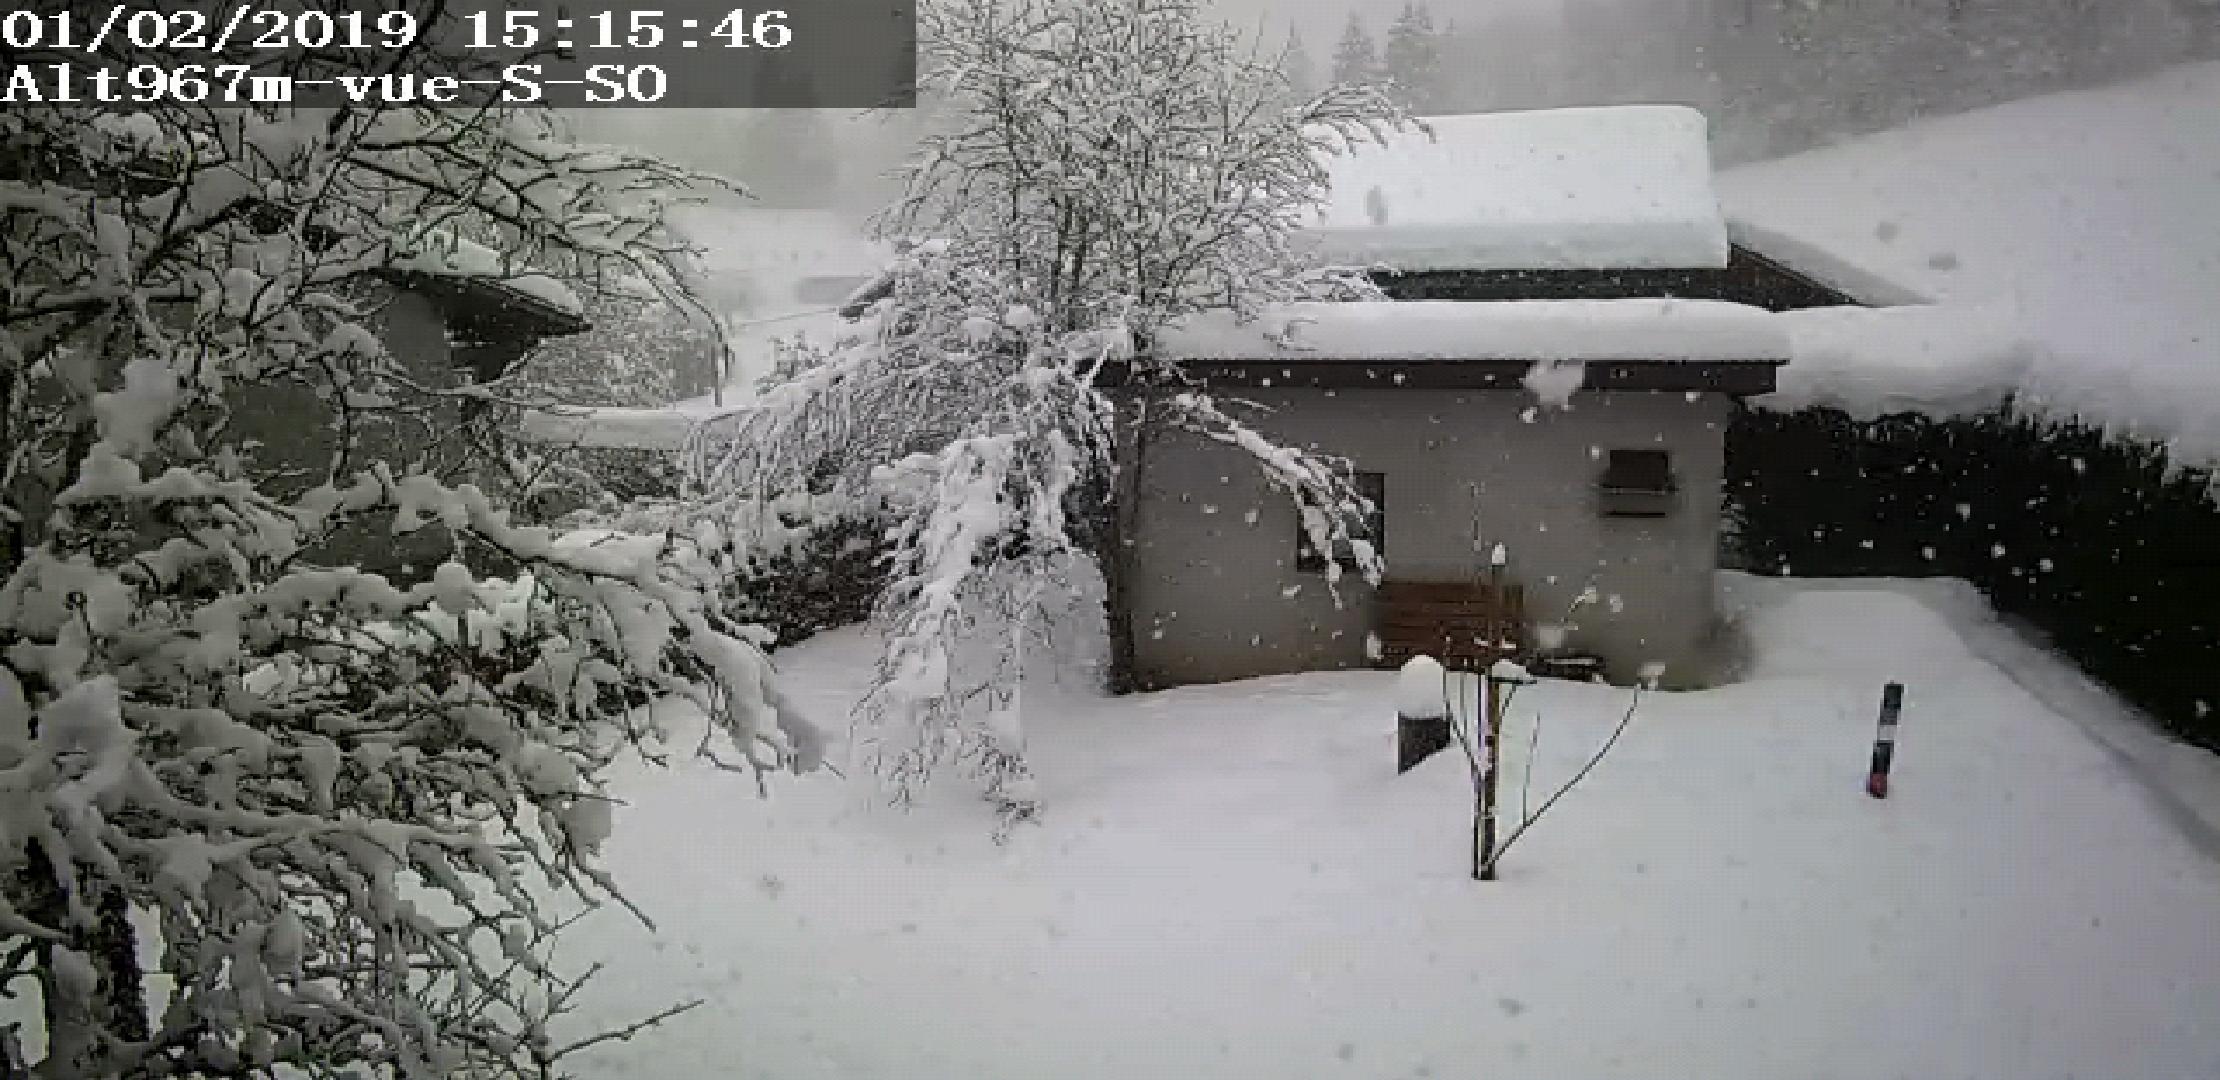 Screenshot-20190201-151557-Foscam-Viewer.jpg